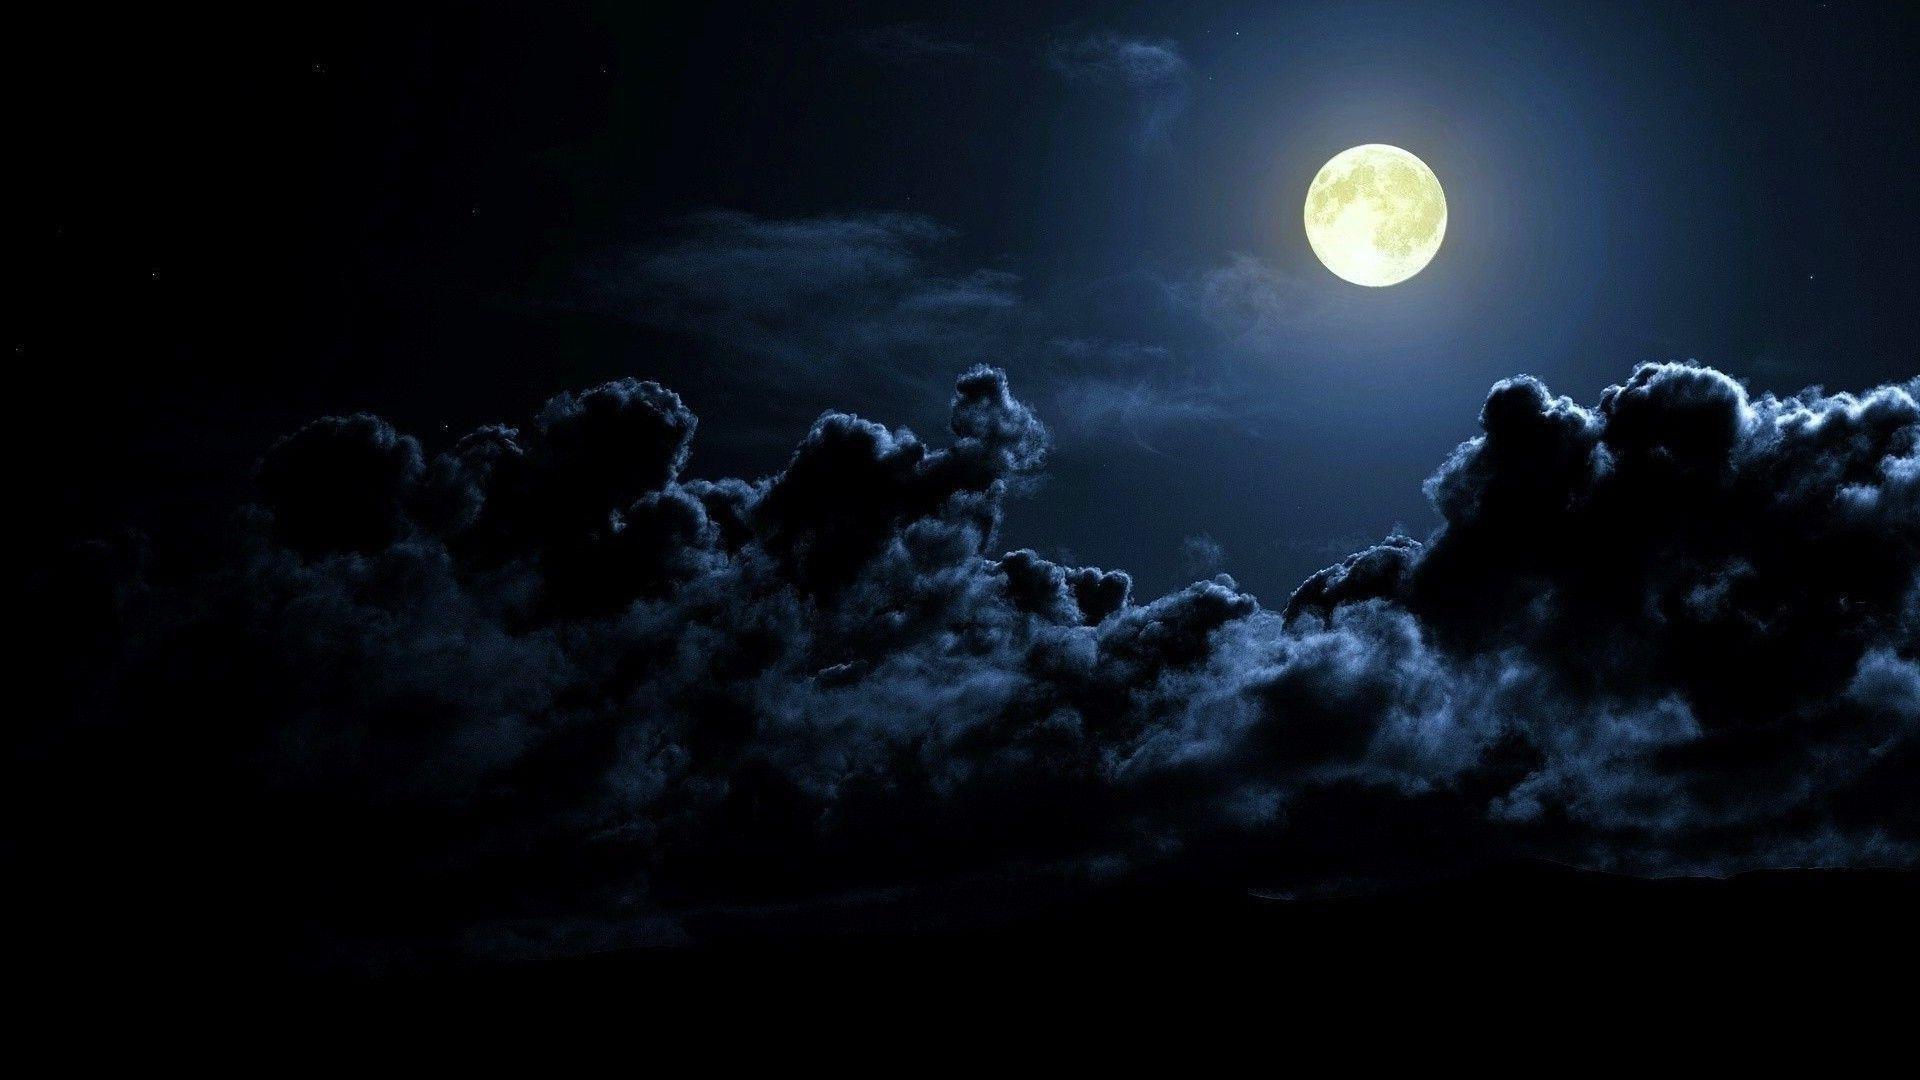 Moon Desktop Wallpaper 72 pictures 1920x1080